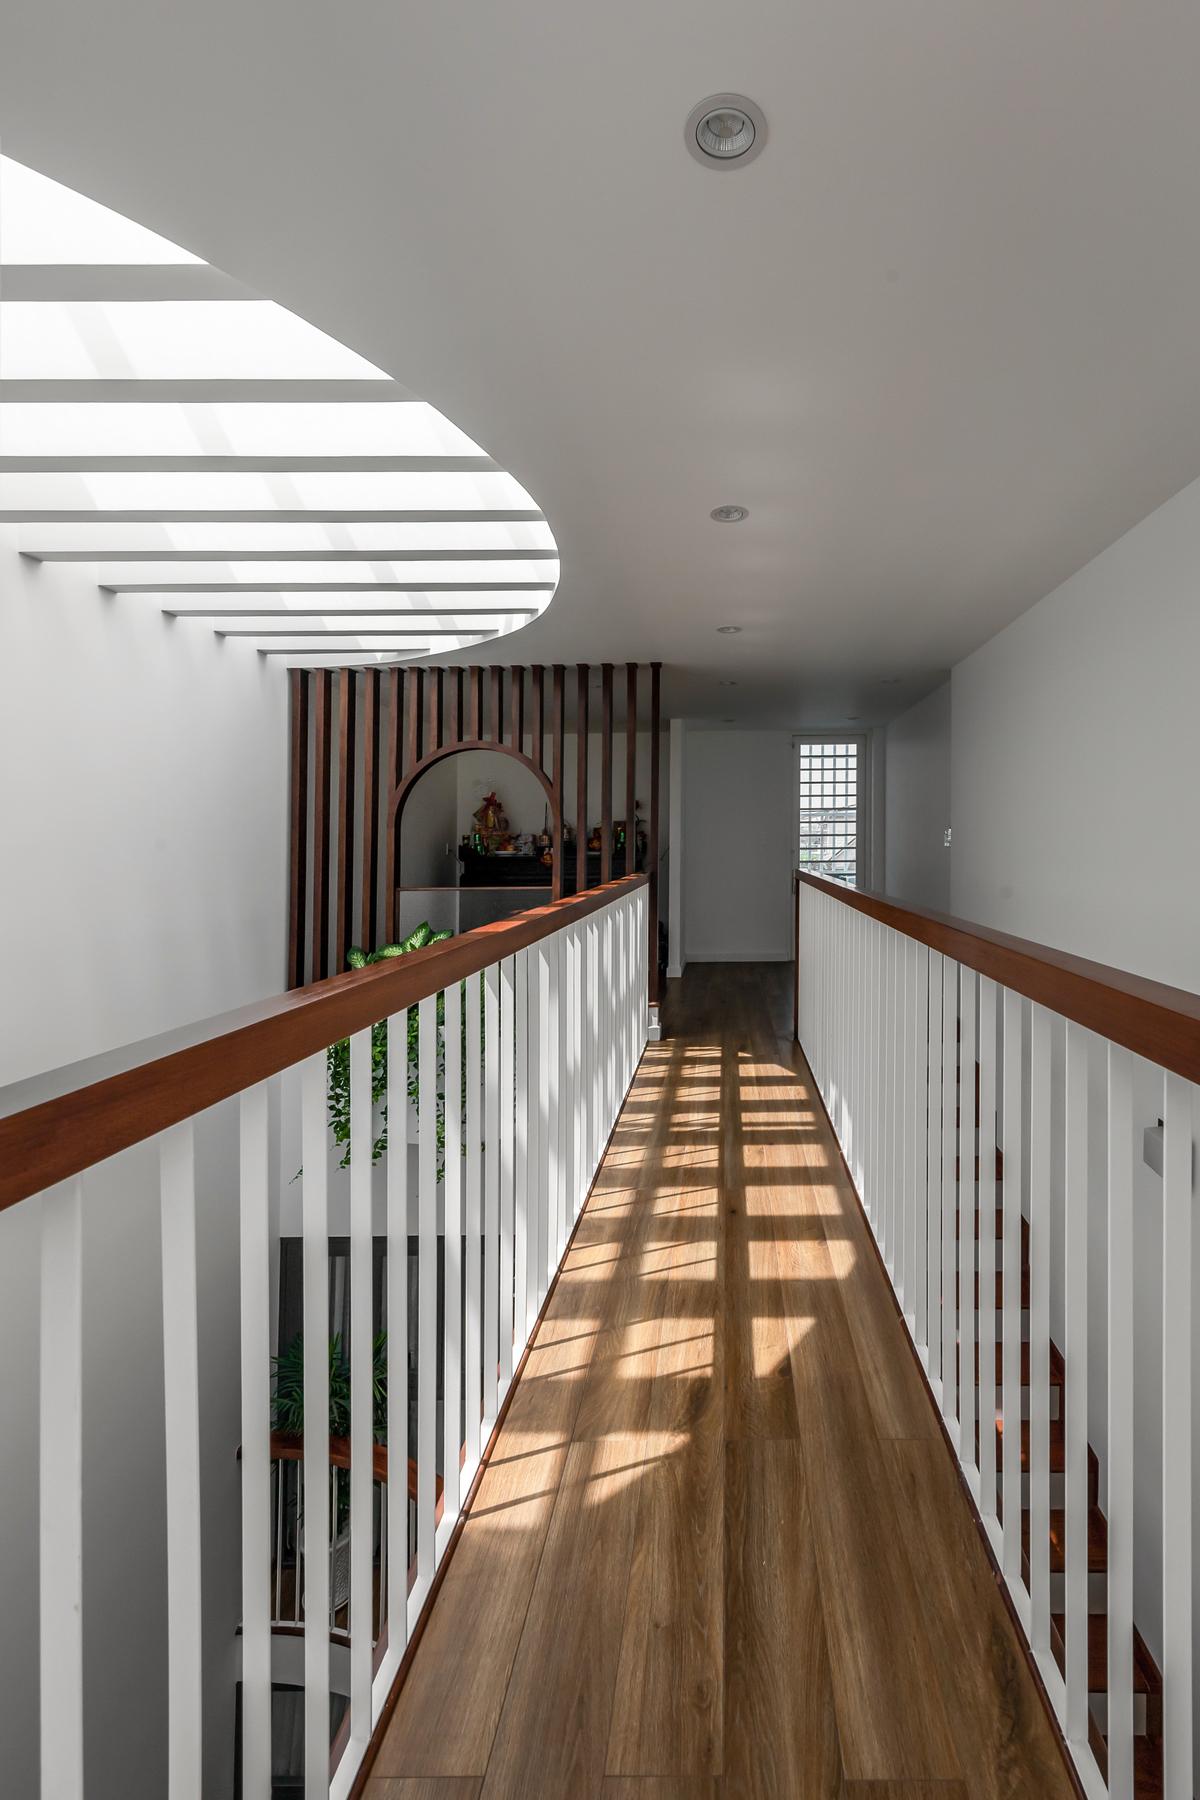 38 - Nhà trong thành phố - Giải pháp cho không gian sống với nhiều thành viên | Story Architecture